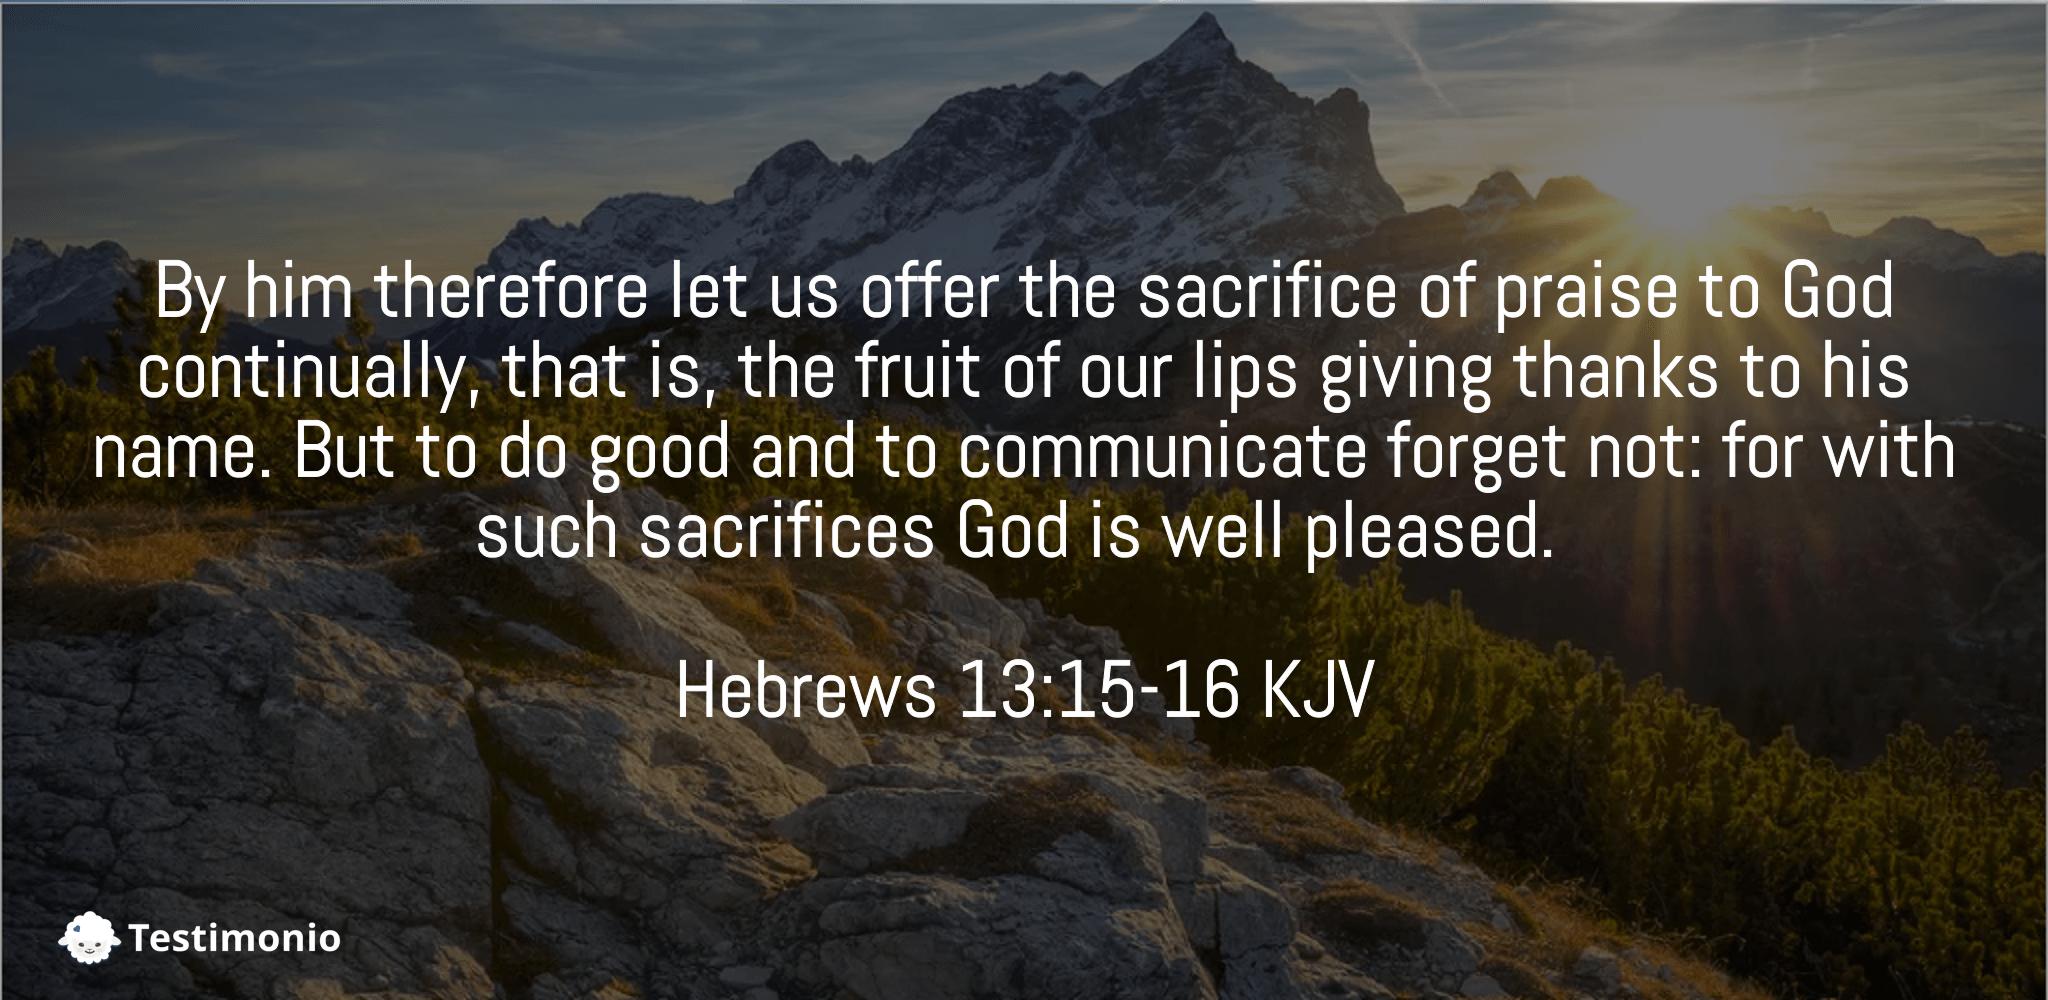 Hebrews 13:15-16